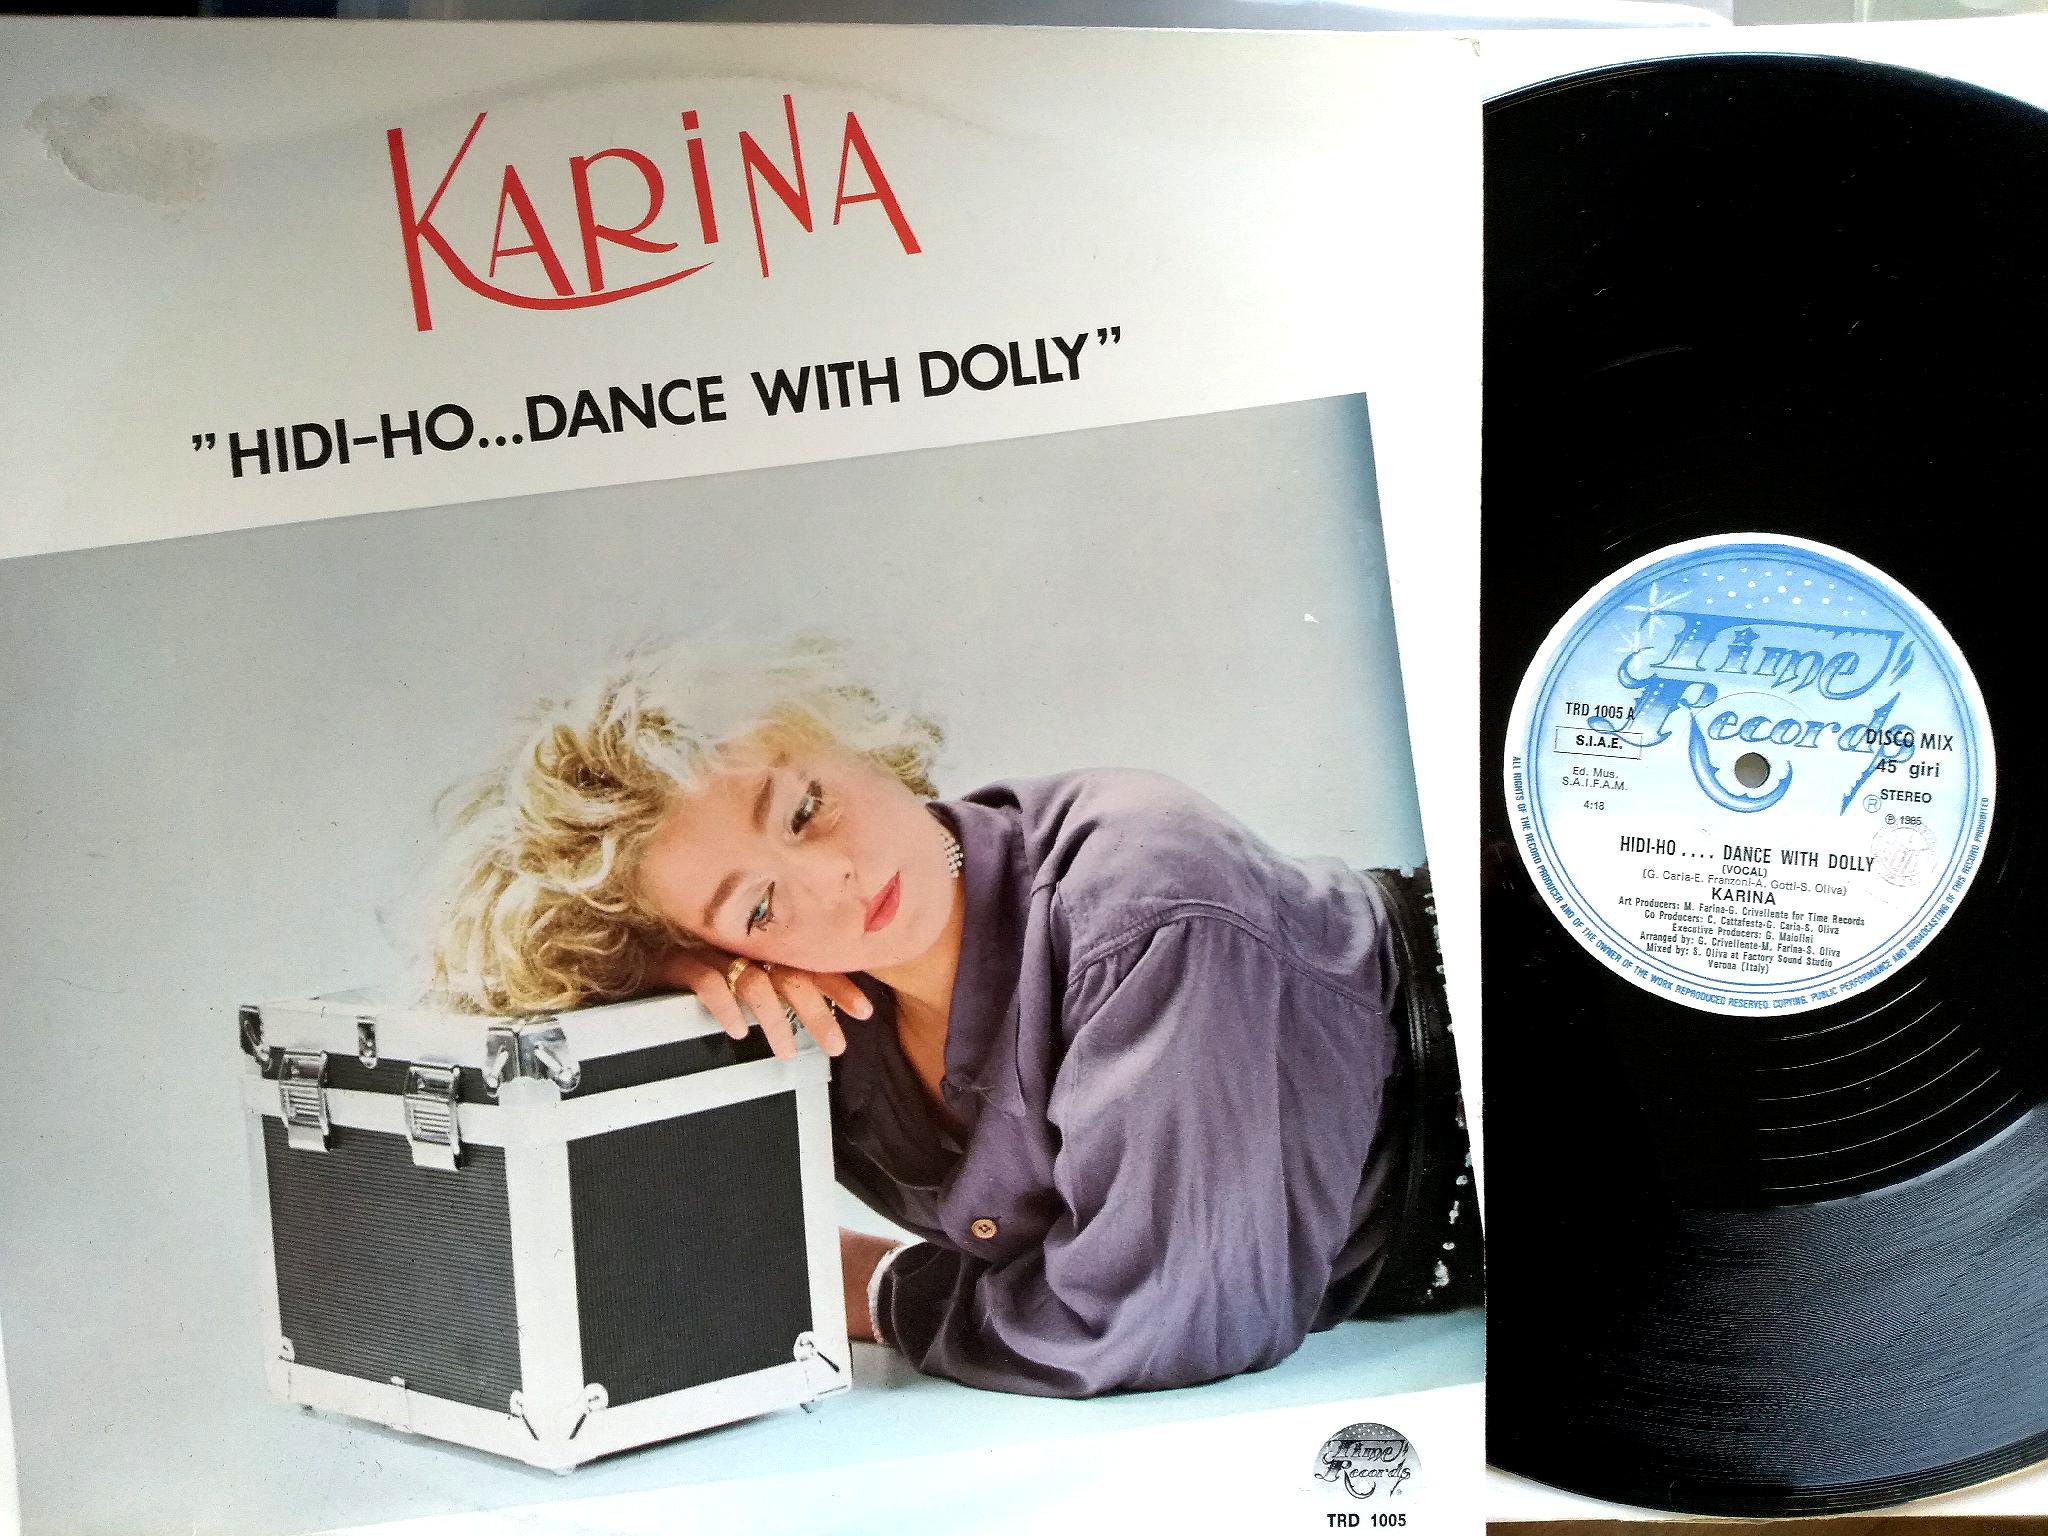 Karina - Hidi-Ho Dance With Dolly